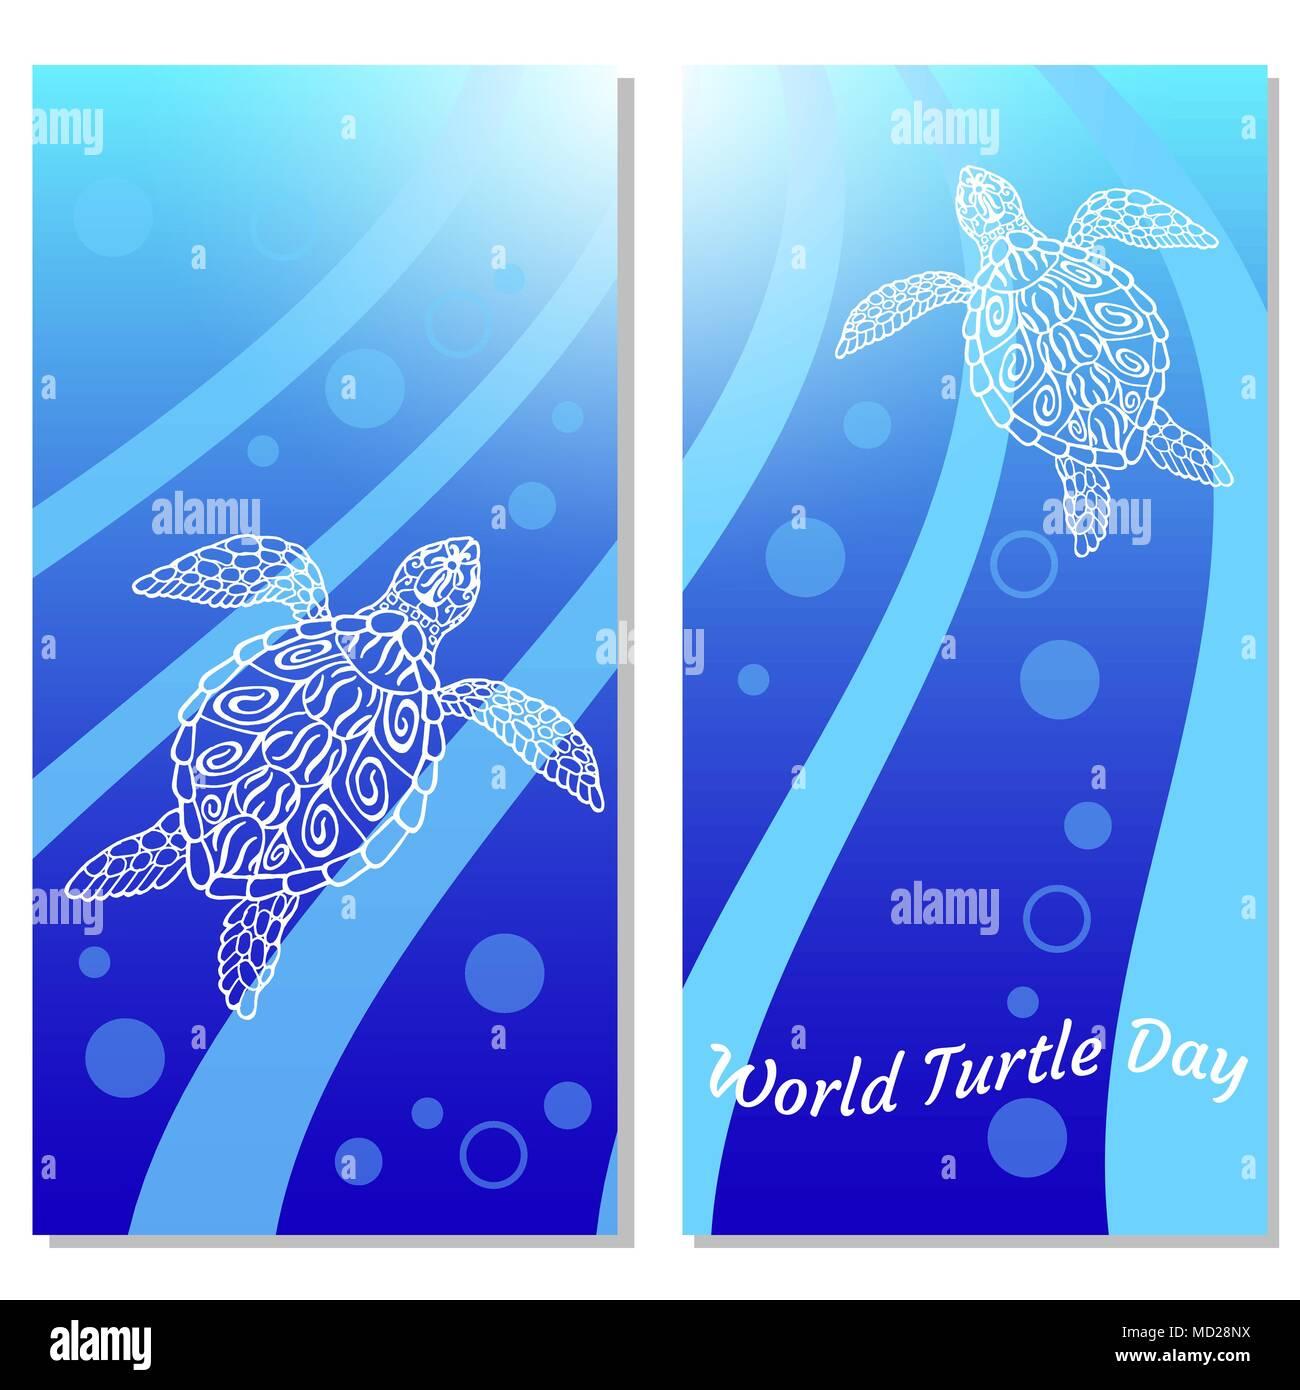 Día Mundial de la tortuga. Las tortugas de agua swim up. Burbujas, rayos de luz. Dibujo en estilo étnico aborigen. Fondo azul. Volantes para los participantes del evento. Ilustración del Vector